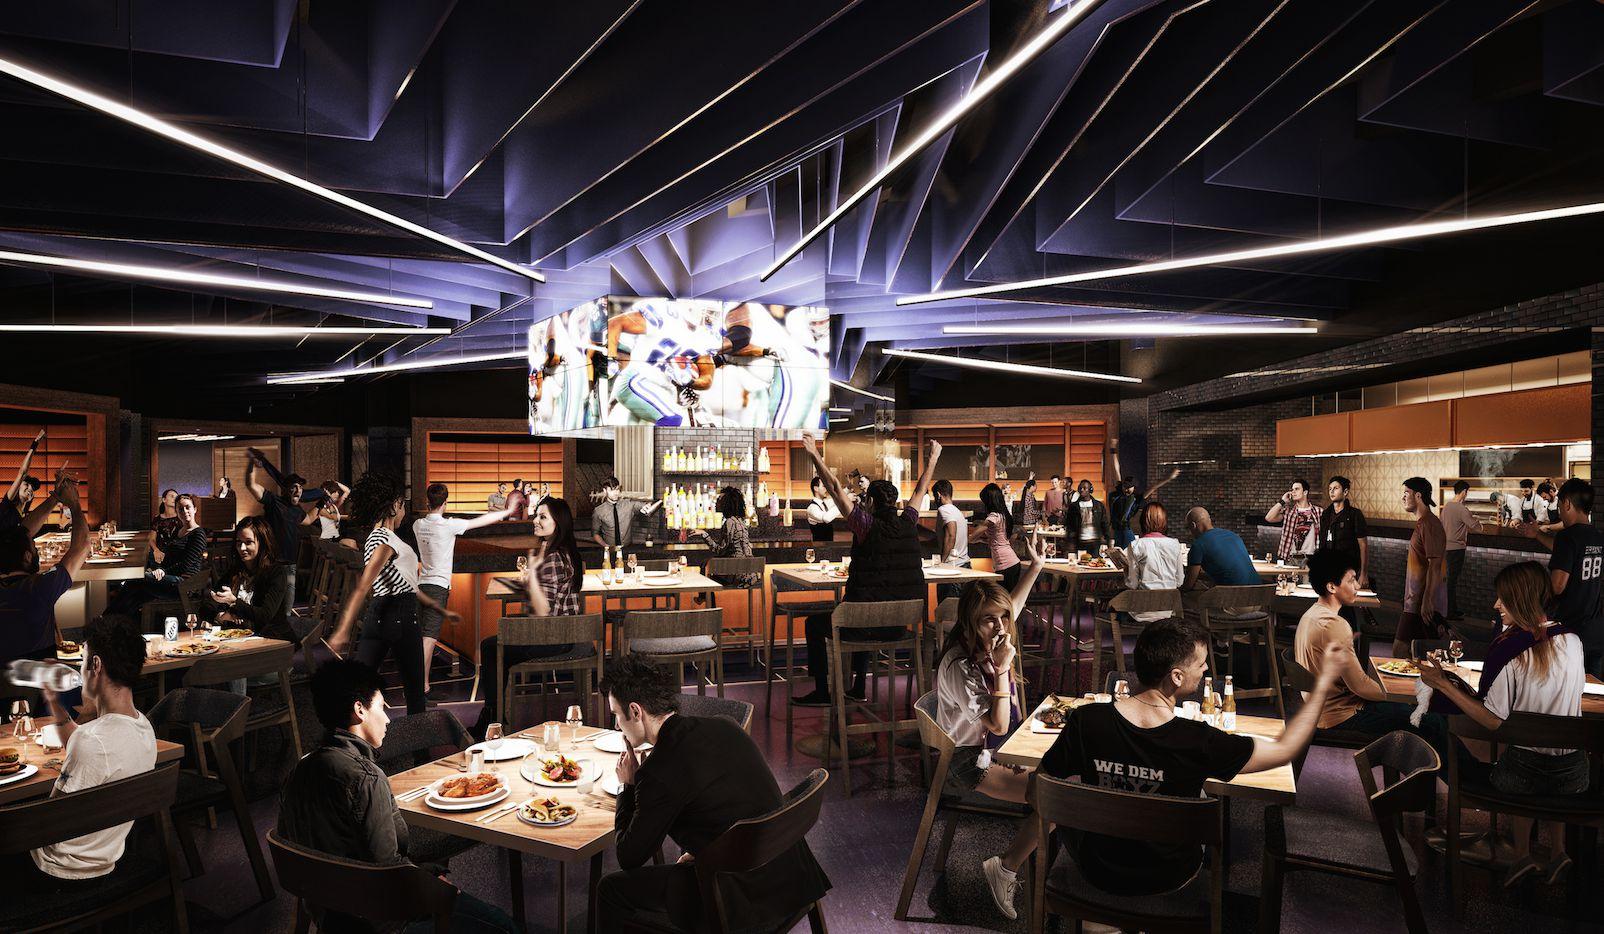 """El nuevo bar """"Stadium Club"""" abrirá los días de partidos de los Cowboys, pero solo habrá acceso con el pago de una membresía."""